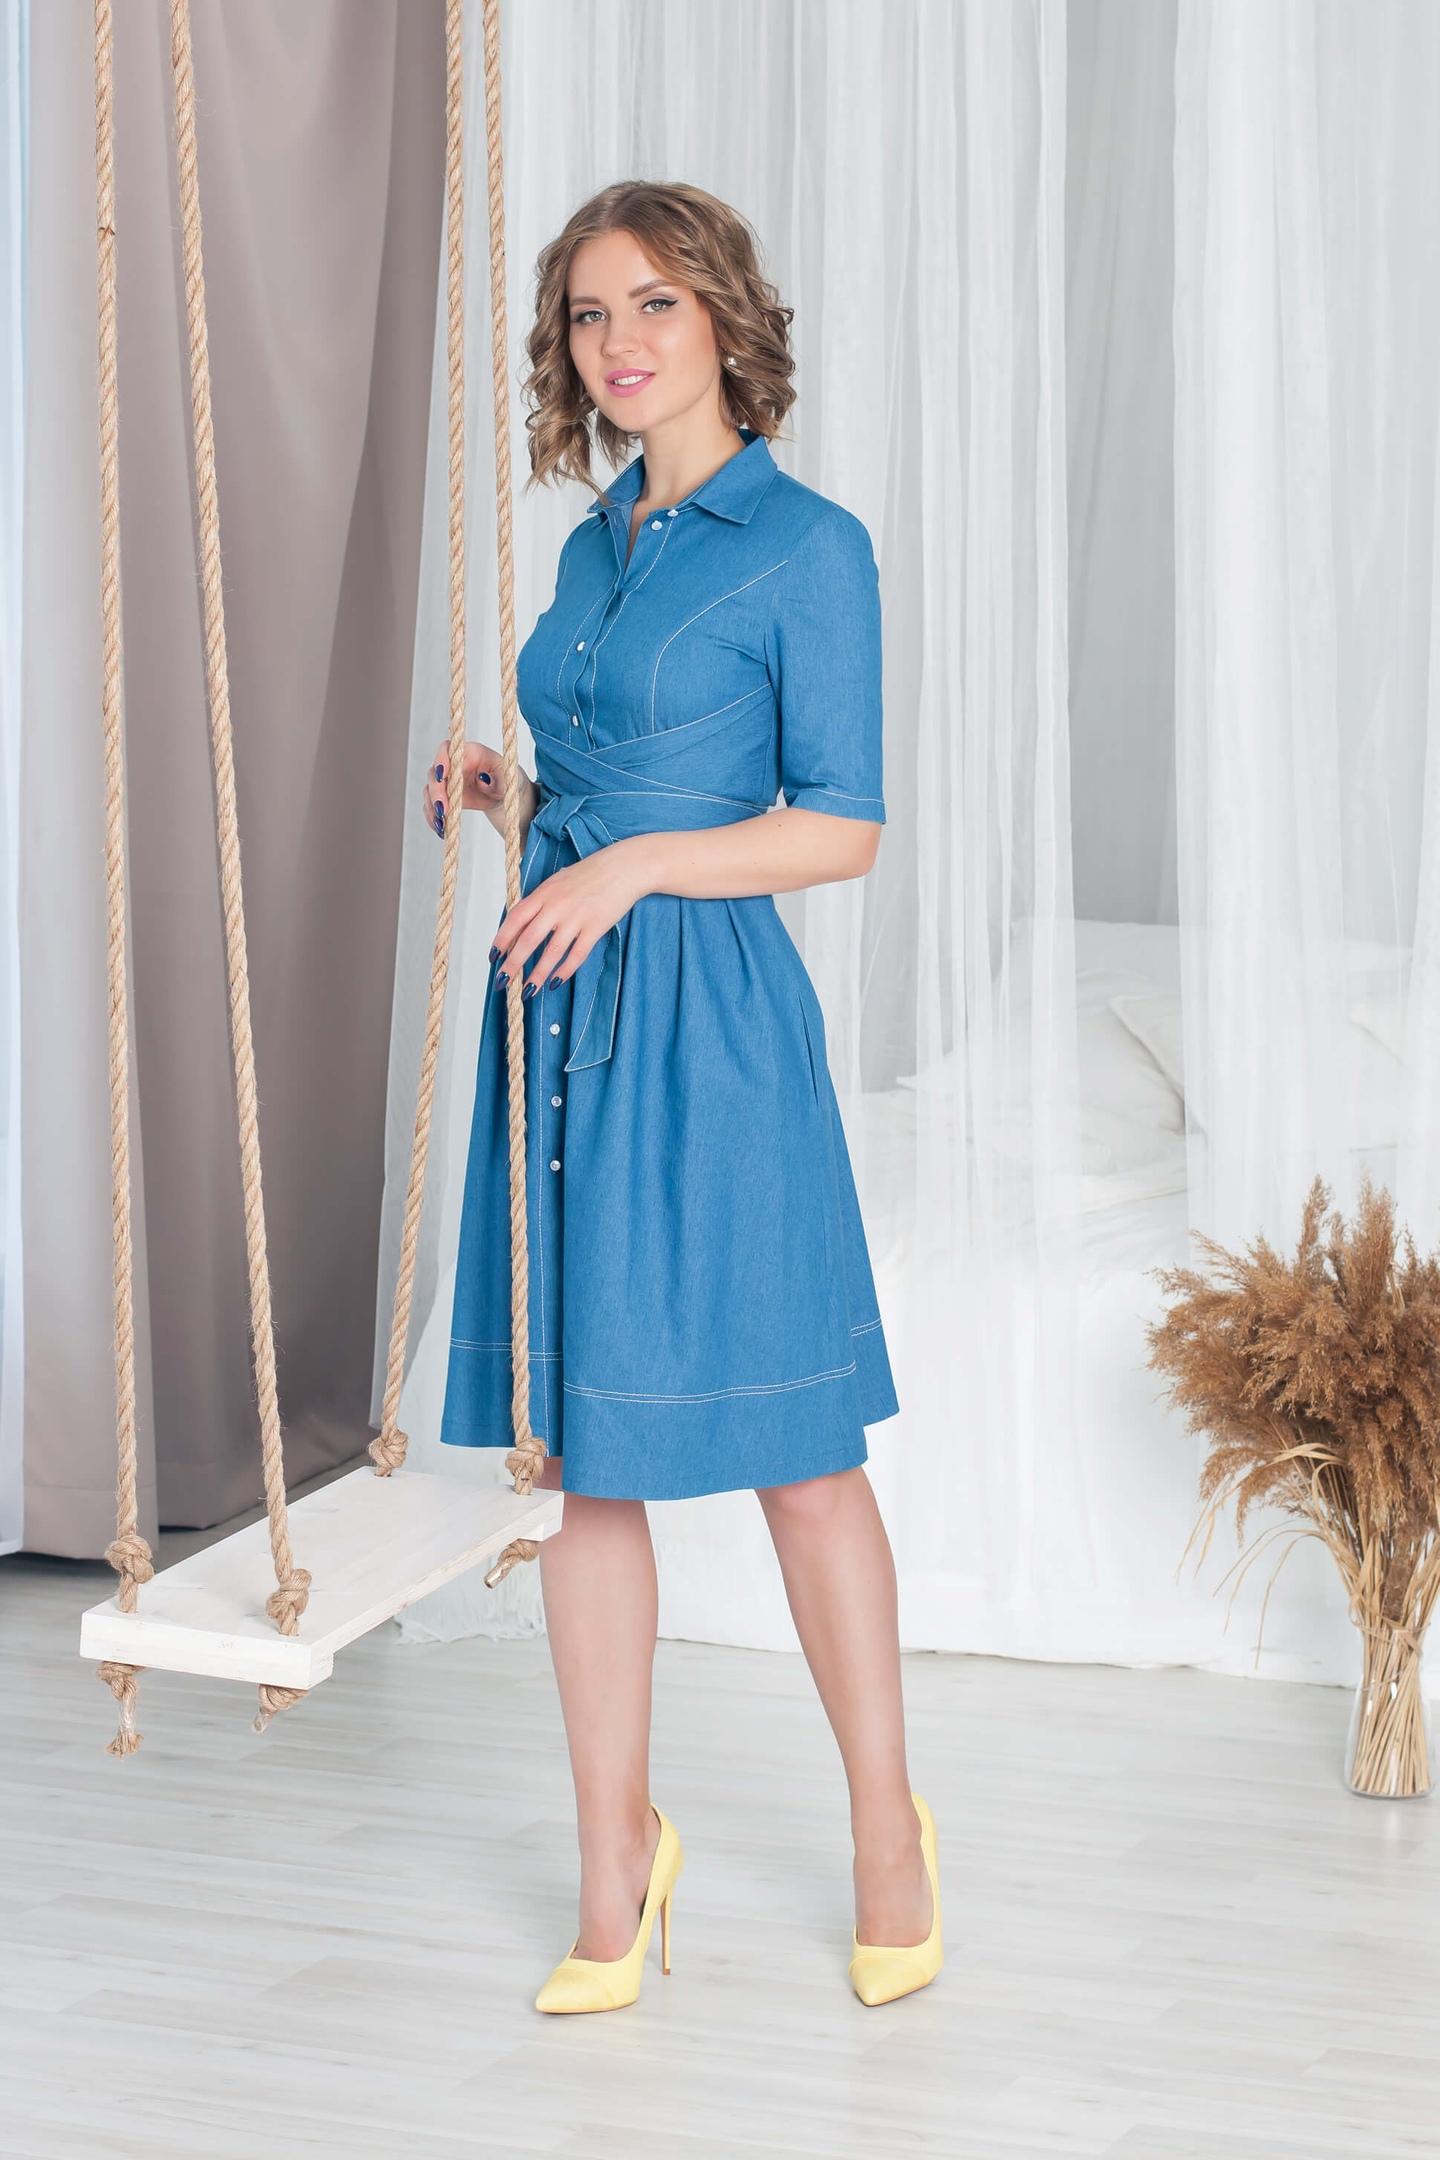 Джинсовое платье - в гардеробе просто незаменимое!